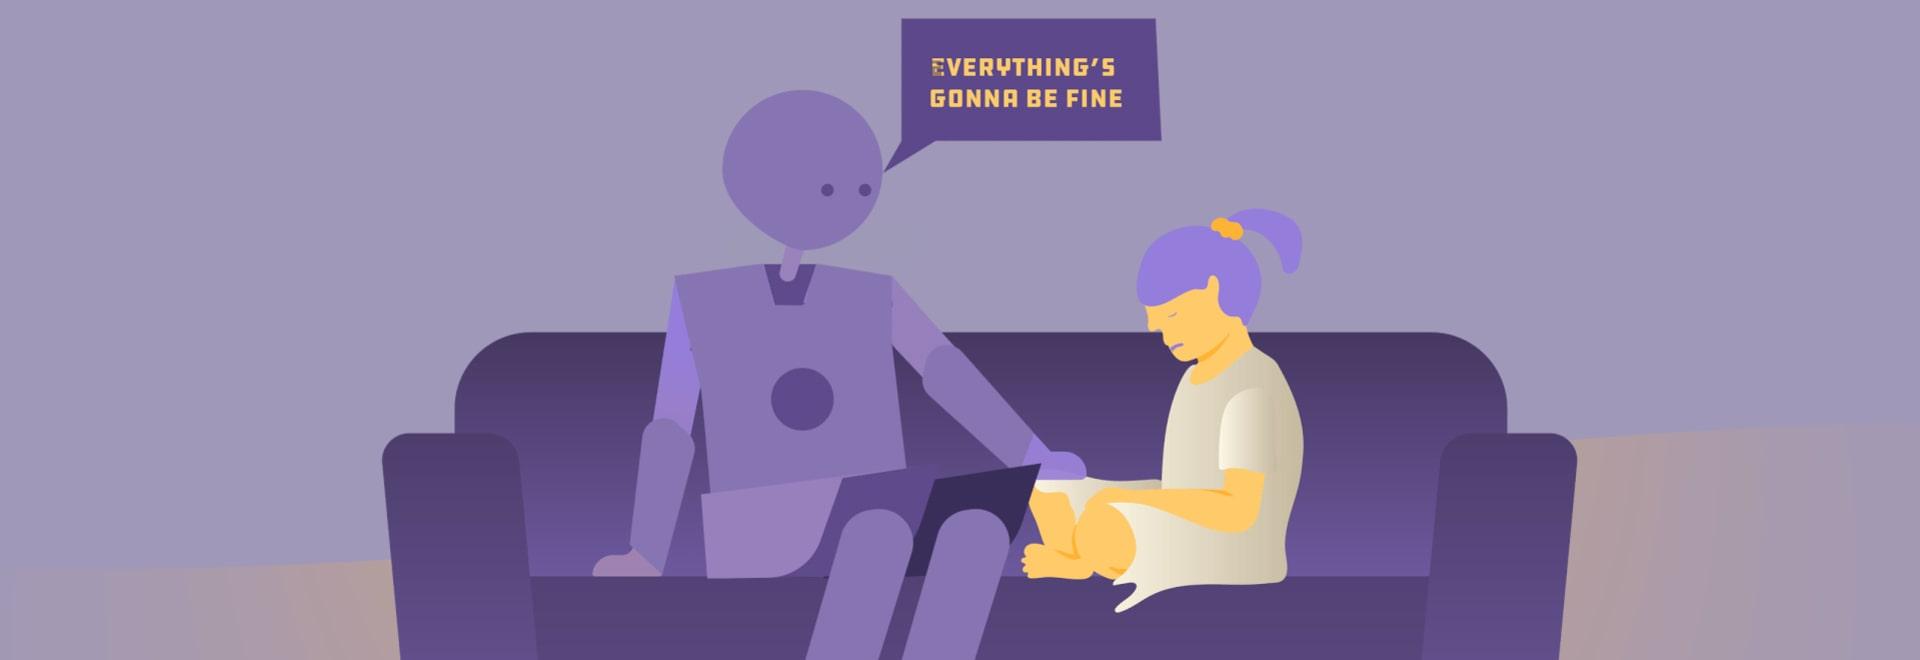 De la chirurgie à la compagnie : La place des robots dans les soins de santé